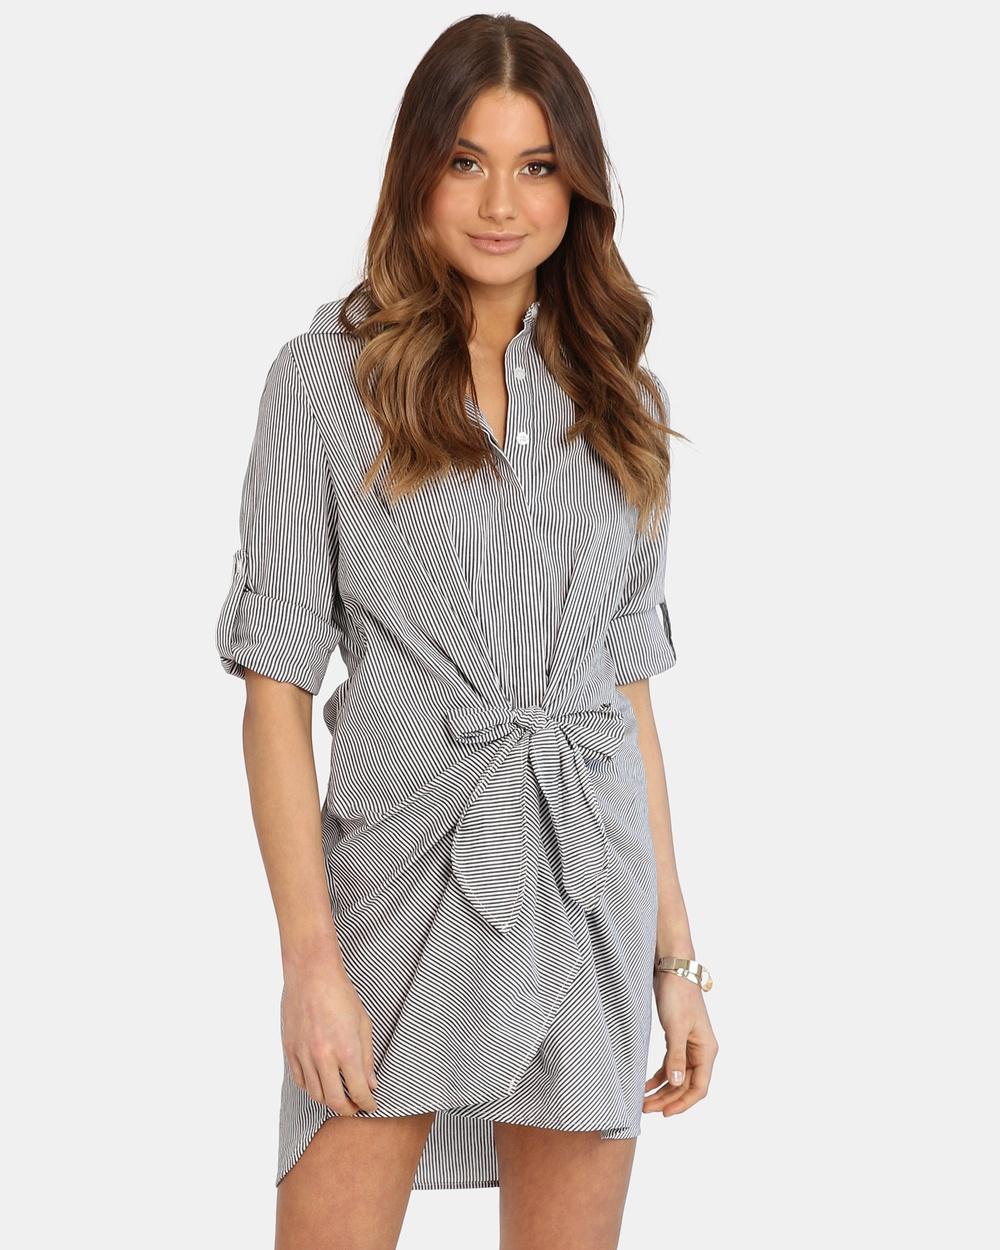 Madison The Label Black Shoni Shirt Dress